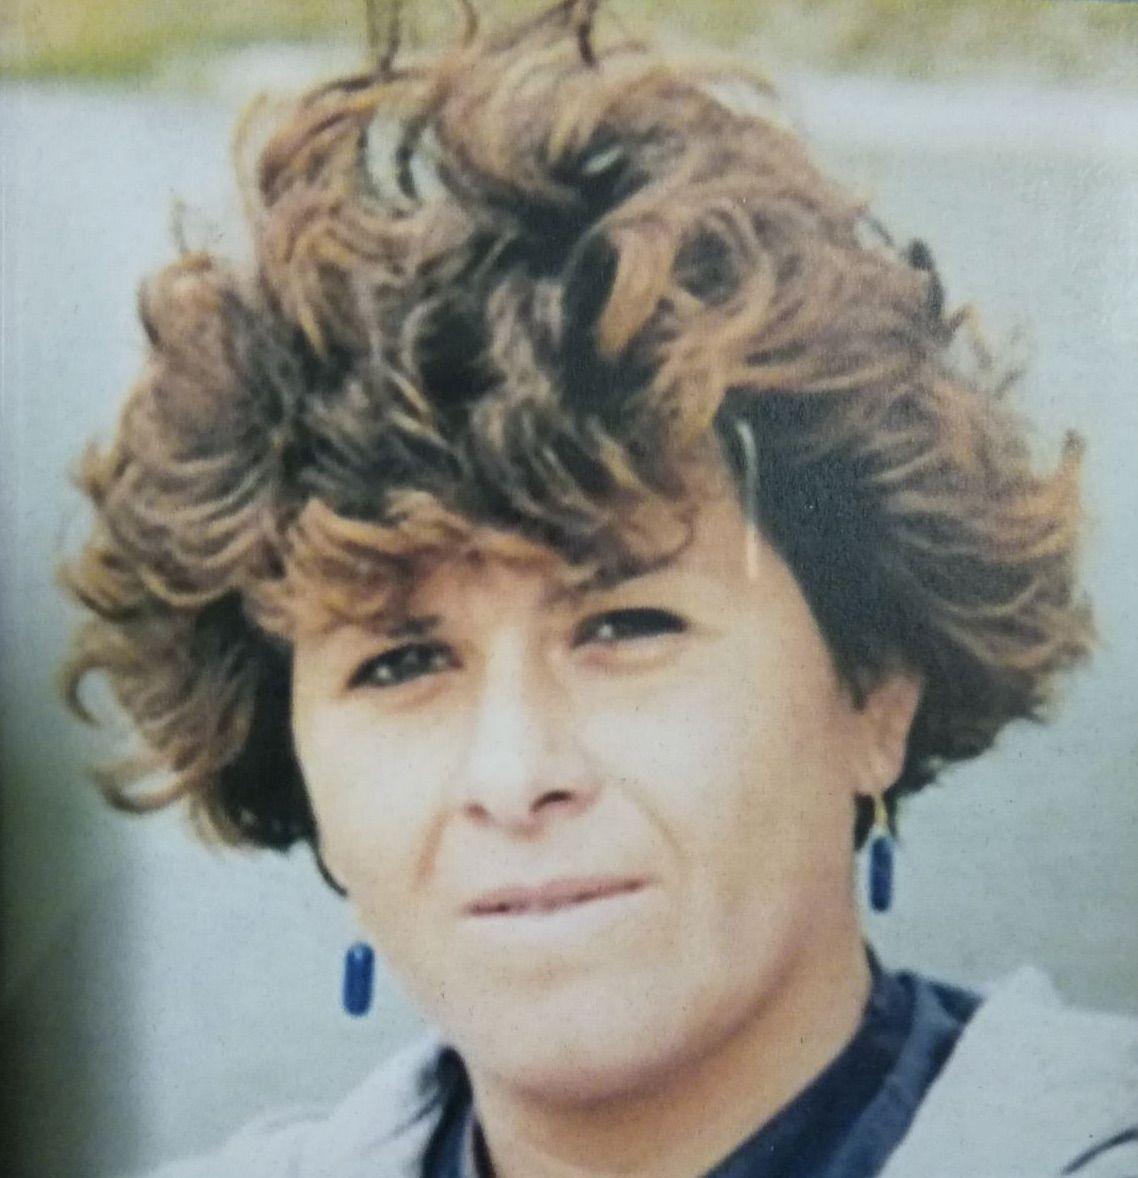 La Guida - Boves, la scomparsa di Simonetta Pellegrino